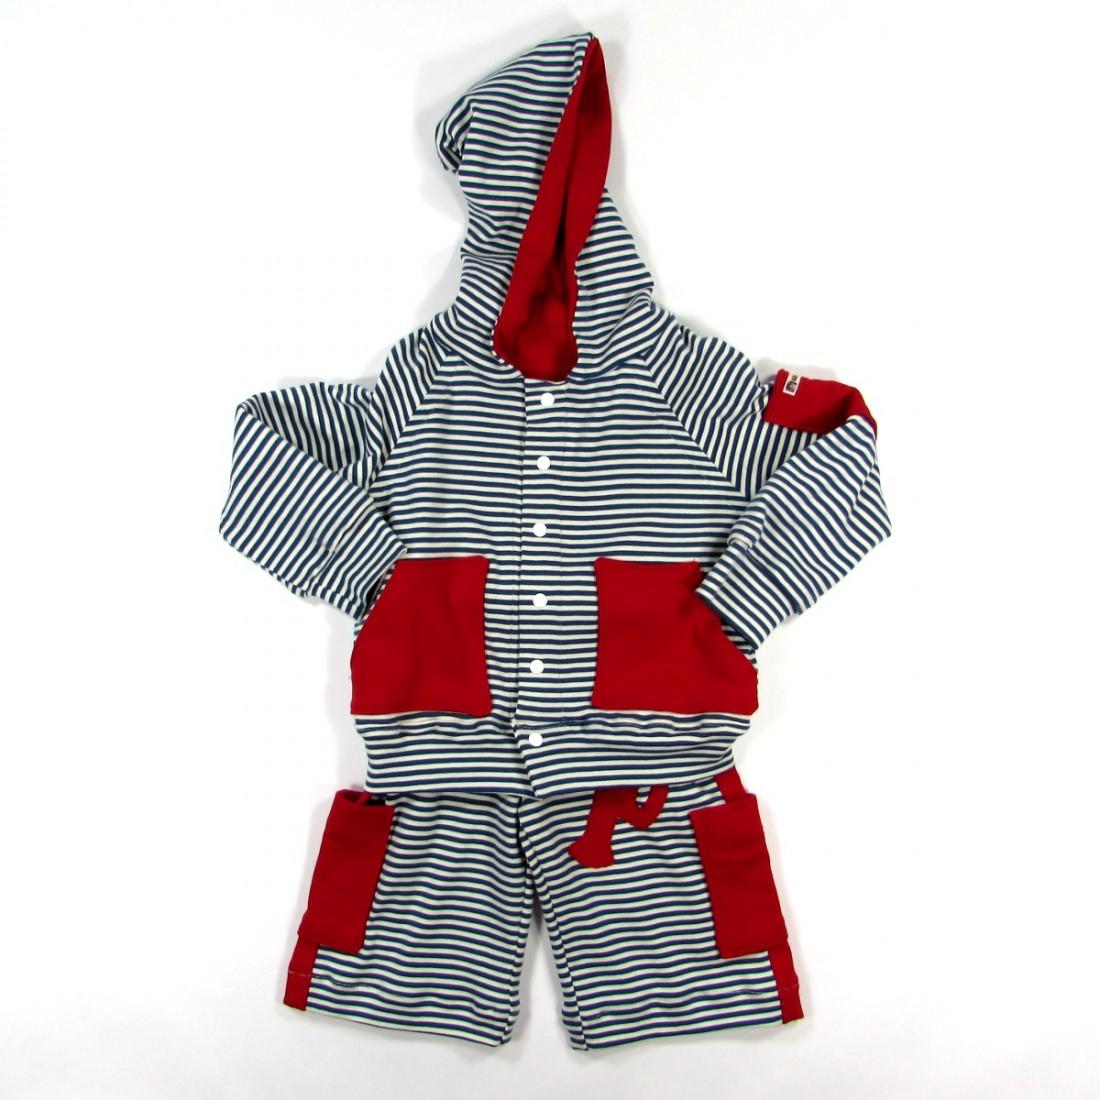 Blouson pantalon et tshirt pour bébé garçon de 2 ans